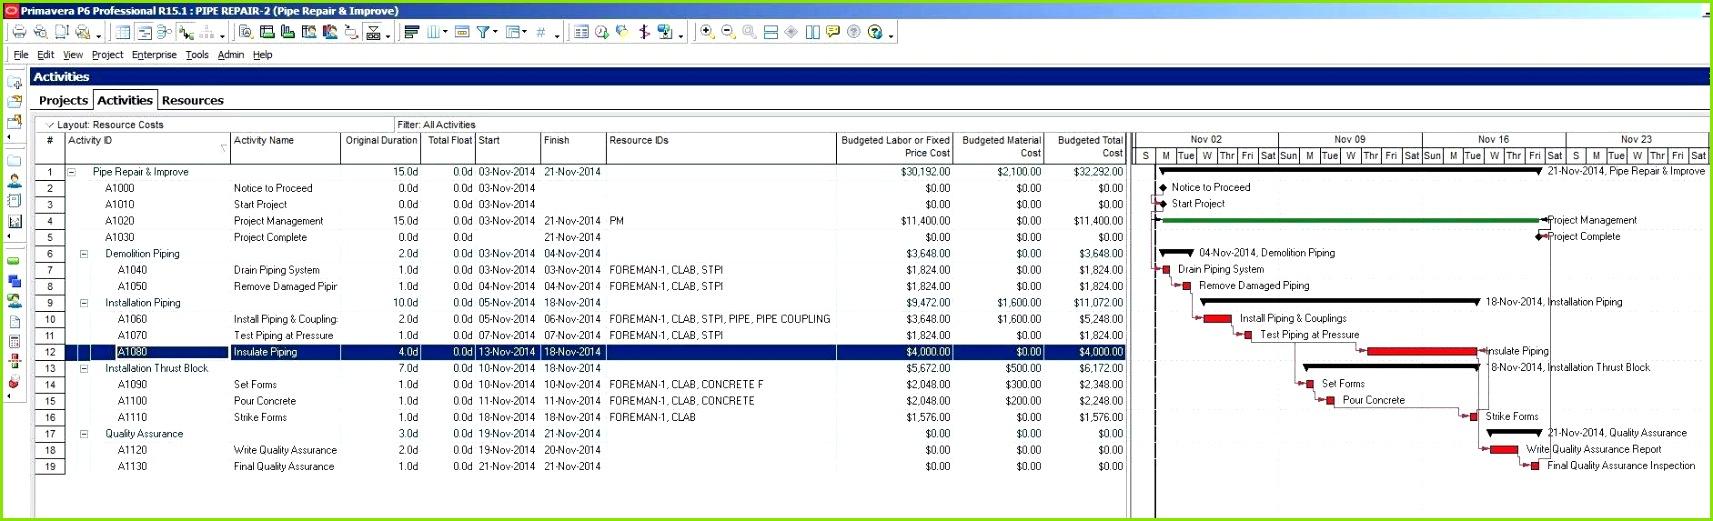 Pause Vorlage Luxus Blickwinkel178 Excel Arbeitszeit Berechnen Vorlage durchgehend Recent 29 Excel Arbeitsstunden Berechnen Vorlage Claire Vorlage Site